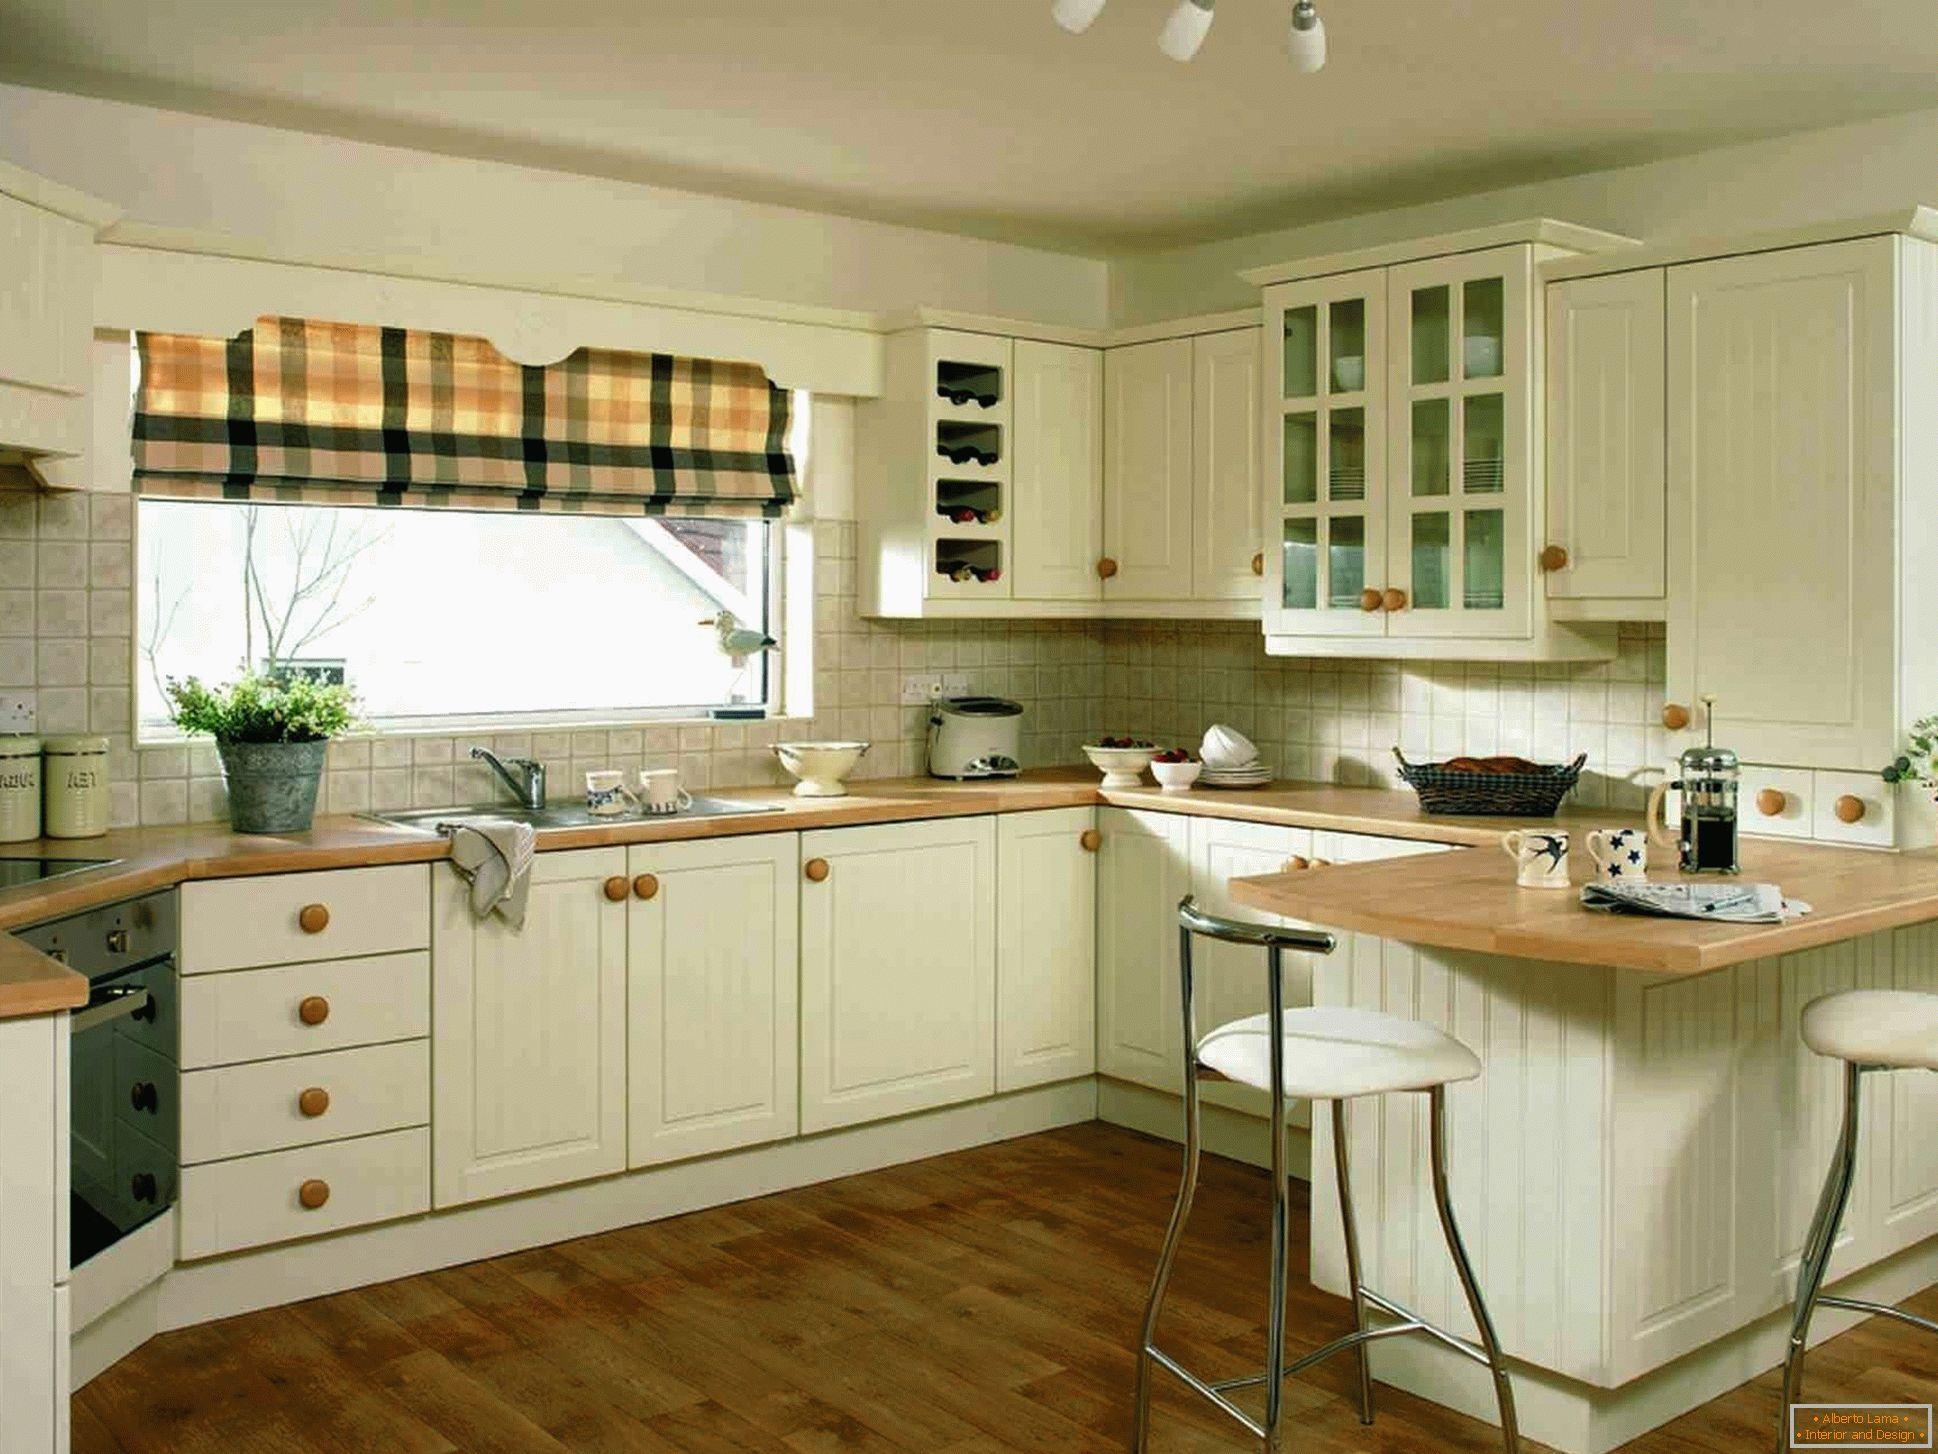 Design della cucina con finestra +60 esempi di foto